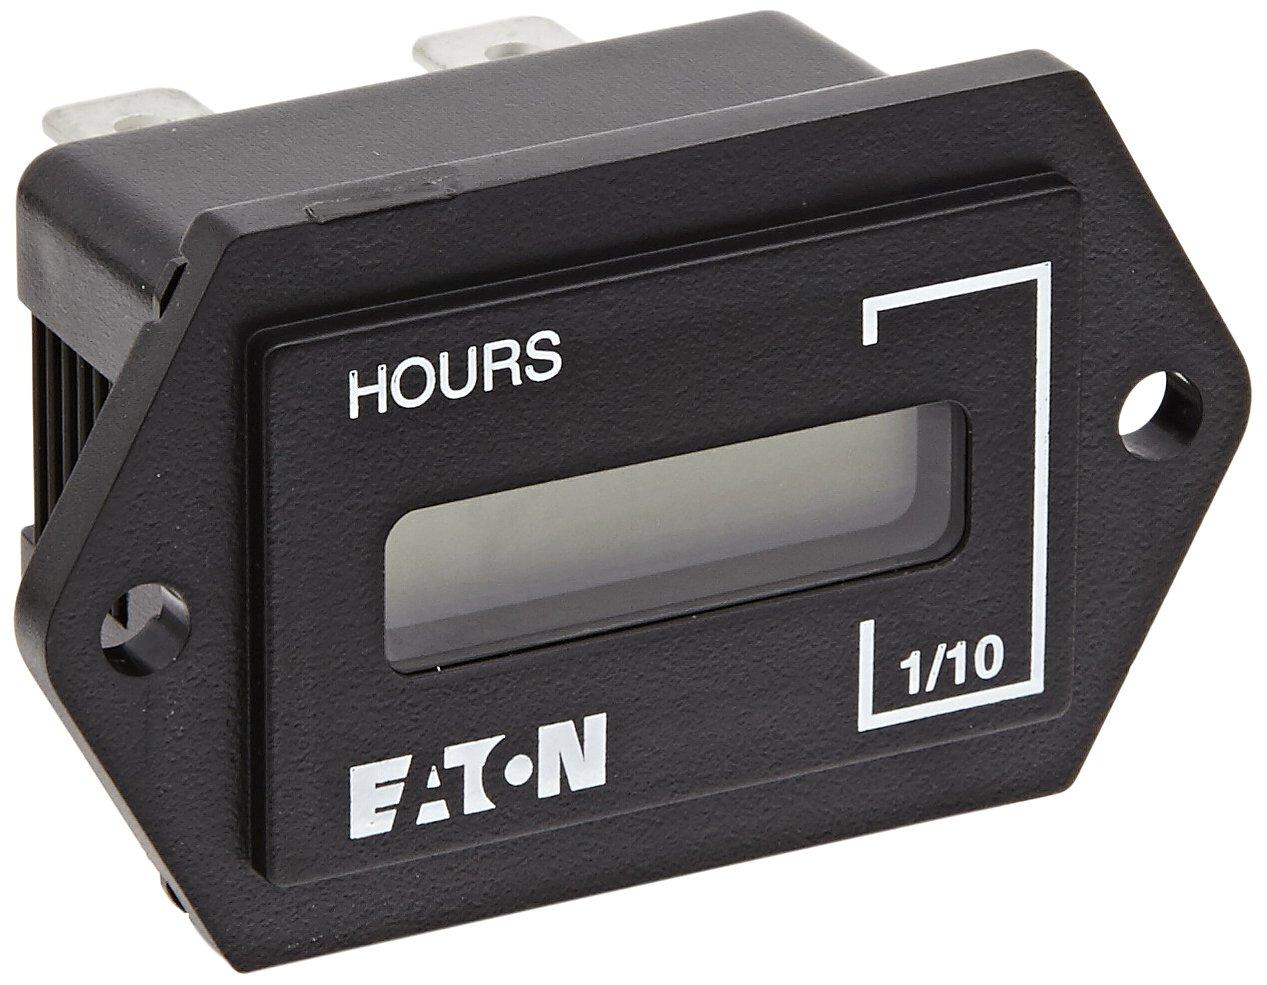 Popular popular Eaton E42DI2448230 LCD Elapsed Timer Philadelphia Mall S Rectangular Hour Meters